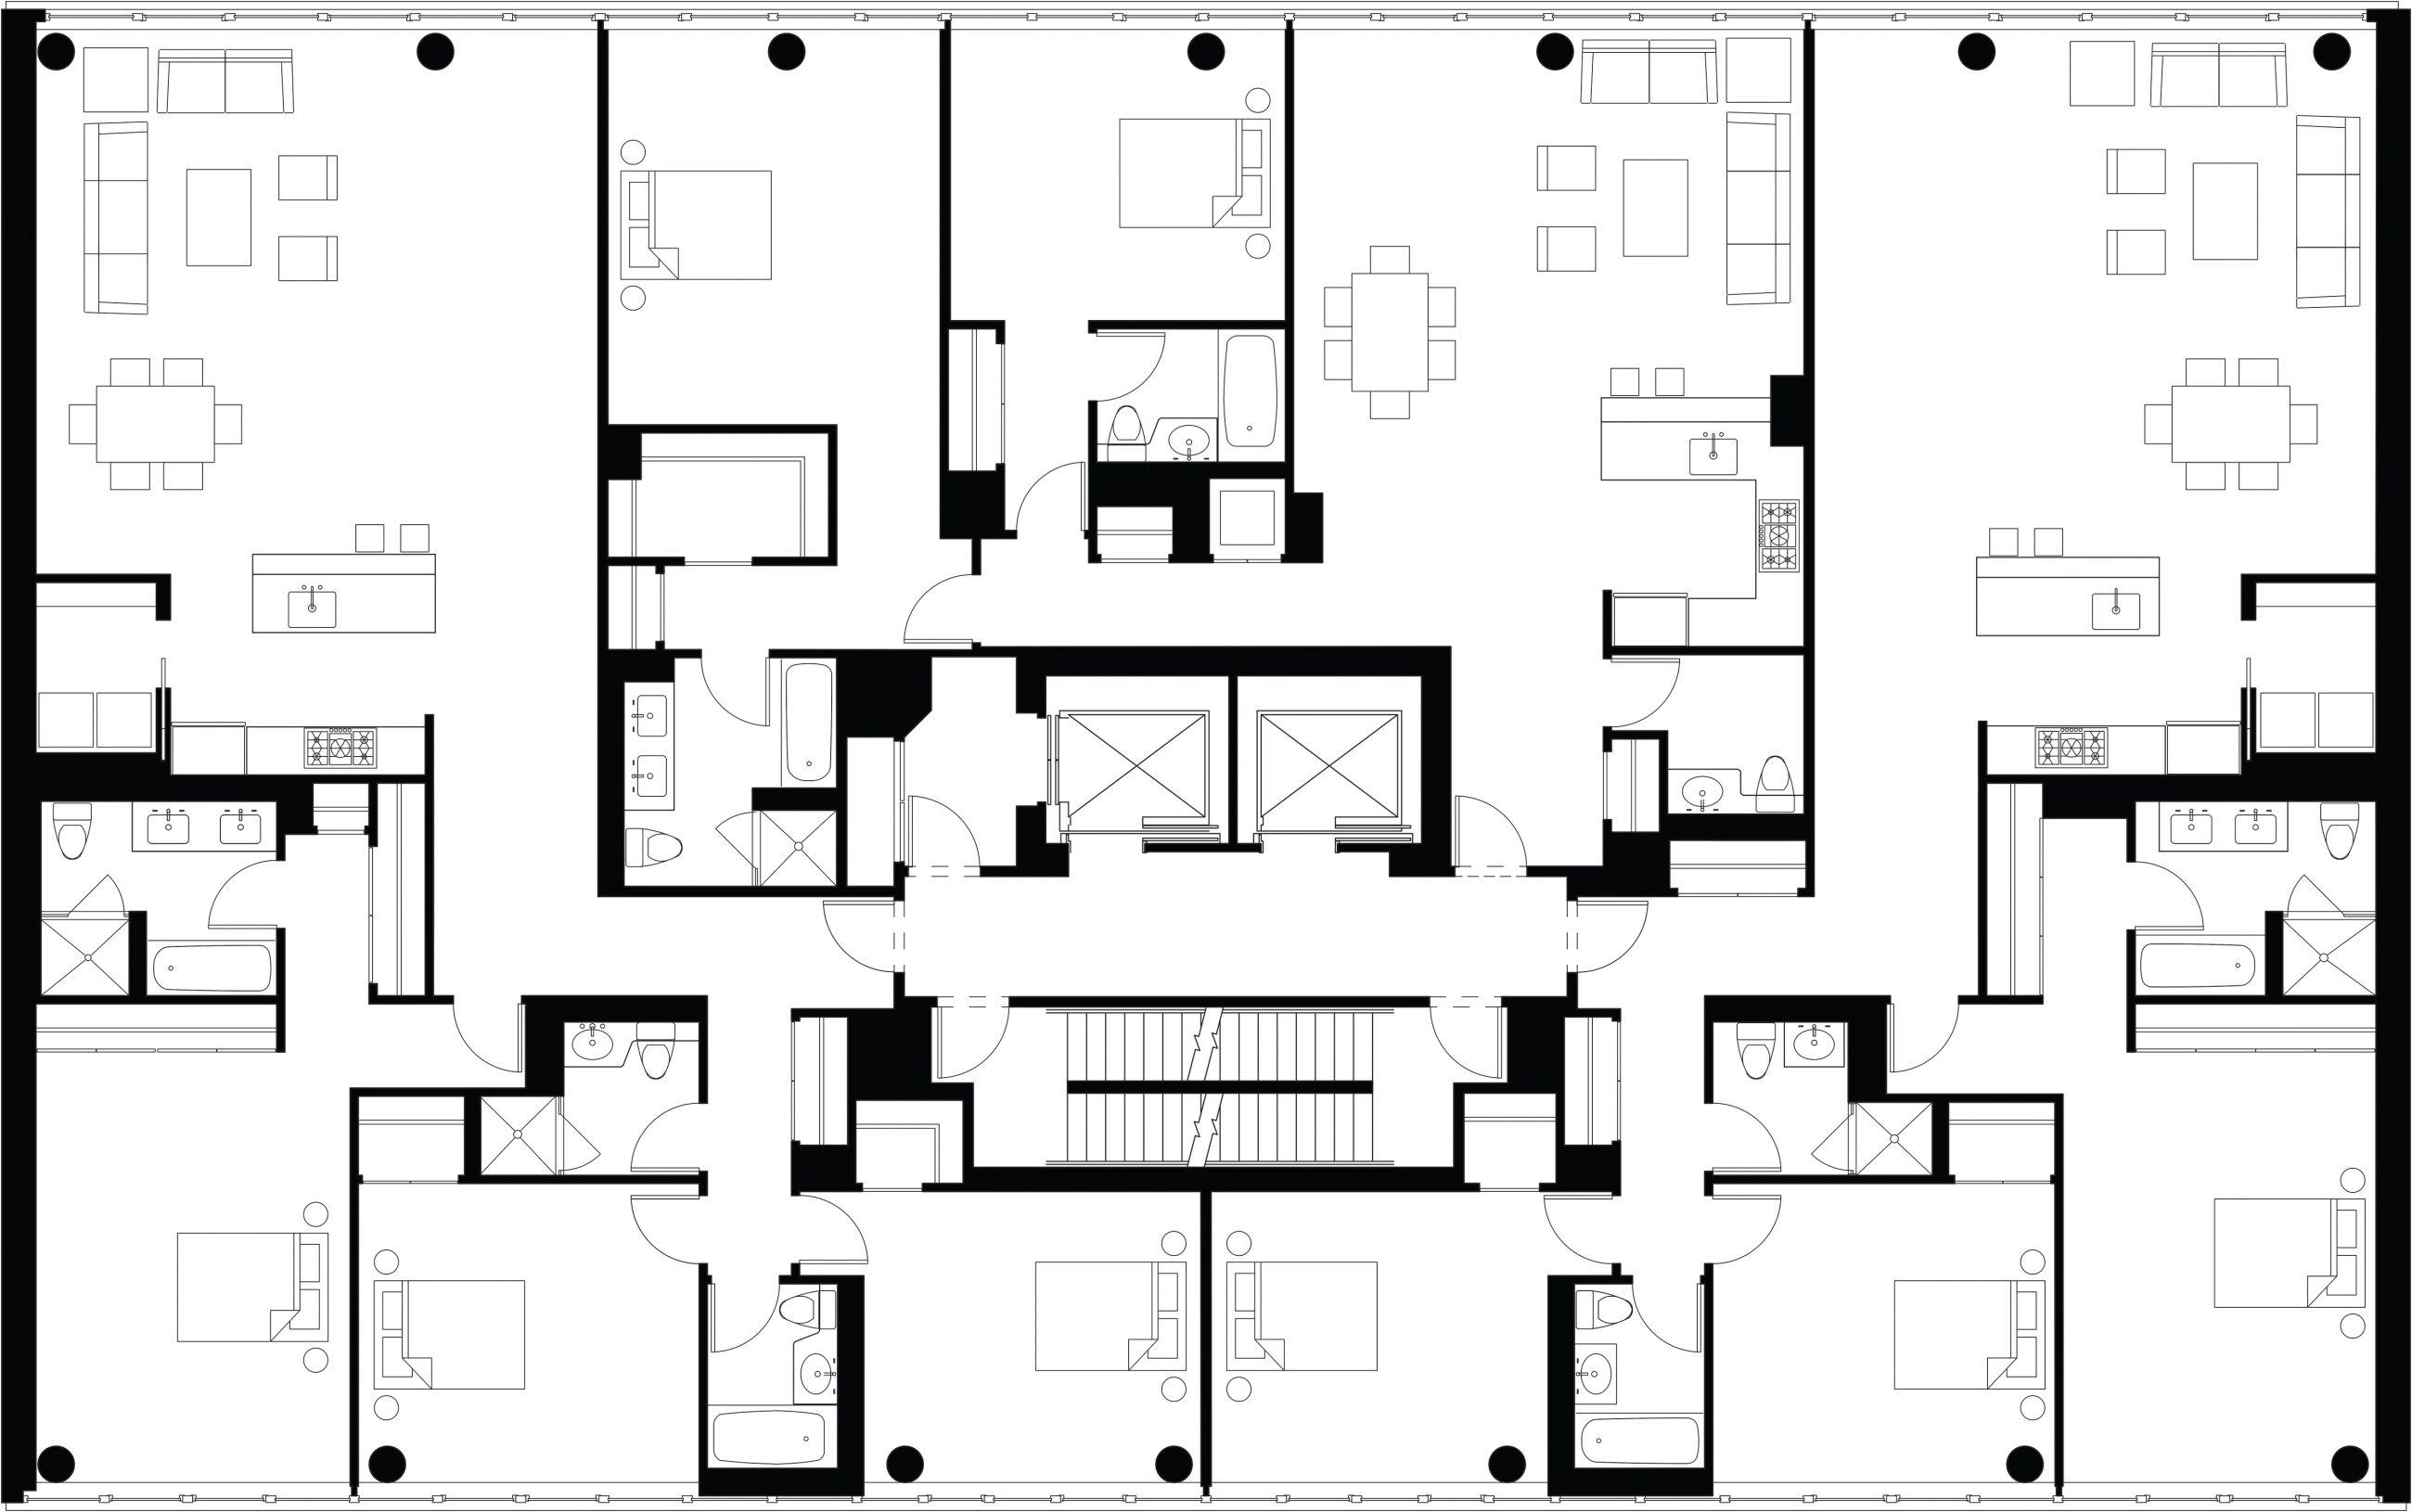 520 West Chelsea Typical Floor Plan